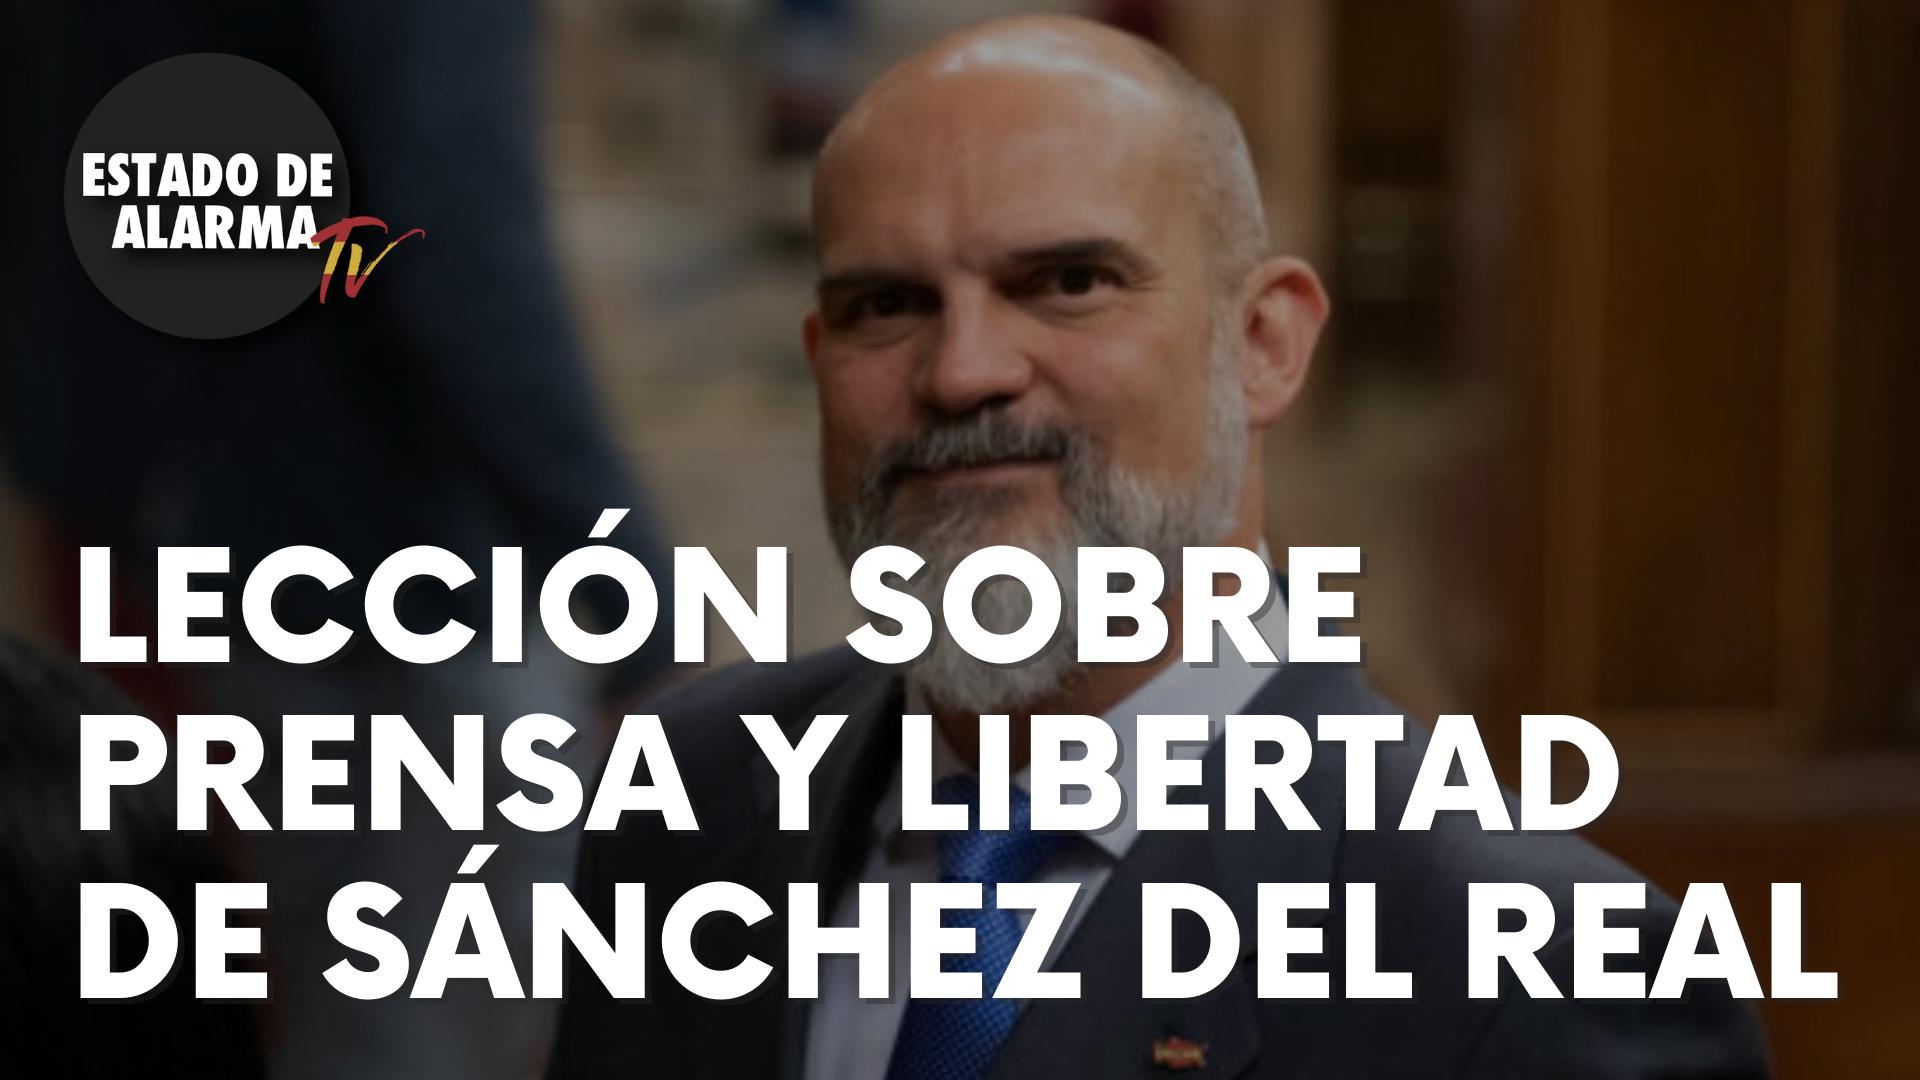 Enorme lección sobre prensa y libertad de Sánchez del Real